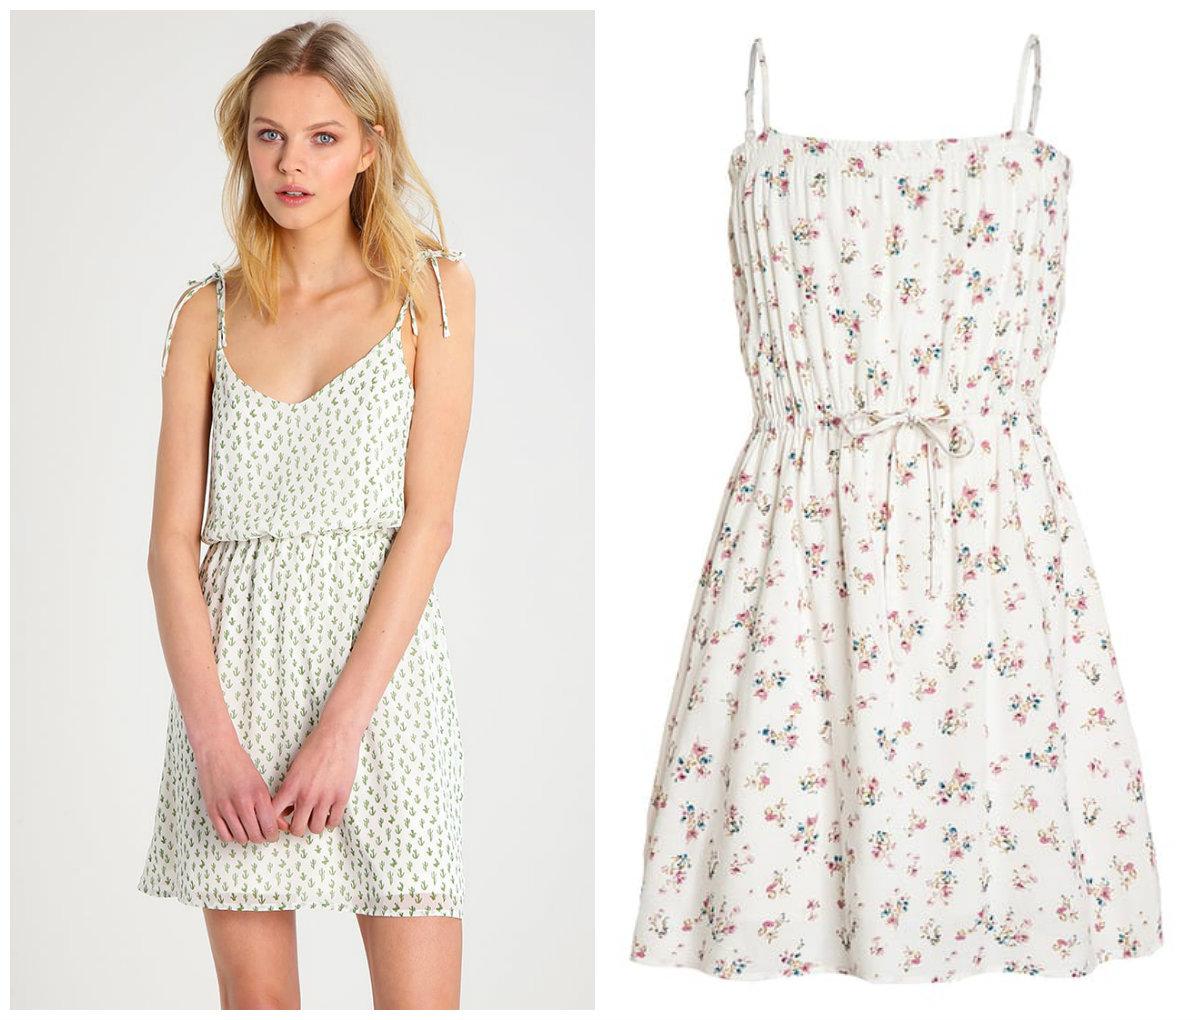 7789f69a5c Ta słodka biała sukienka dla małej dziewczynki z logo Blue Seven  KLIK   nawiązuje formą do sukienki mamy z kolekcji Even Odd  KLIK